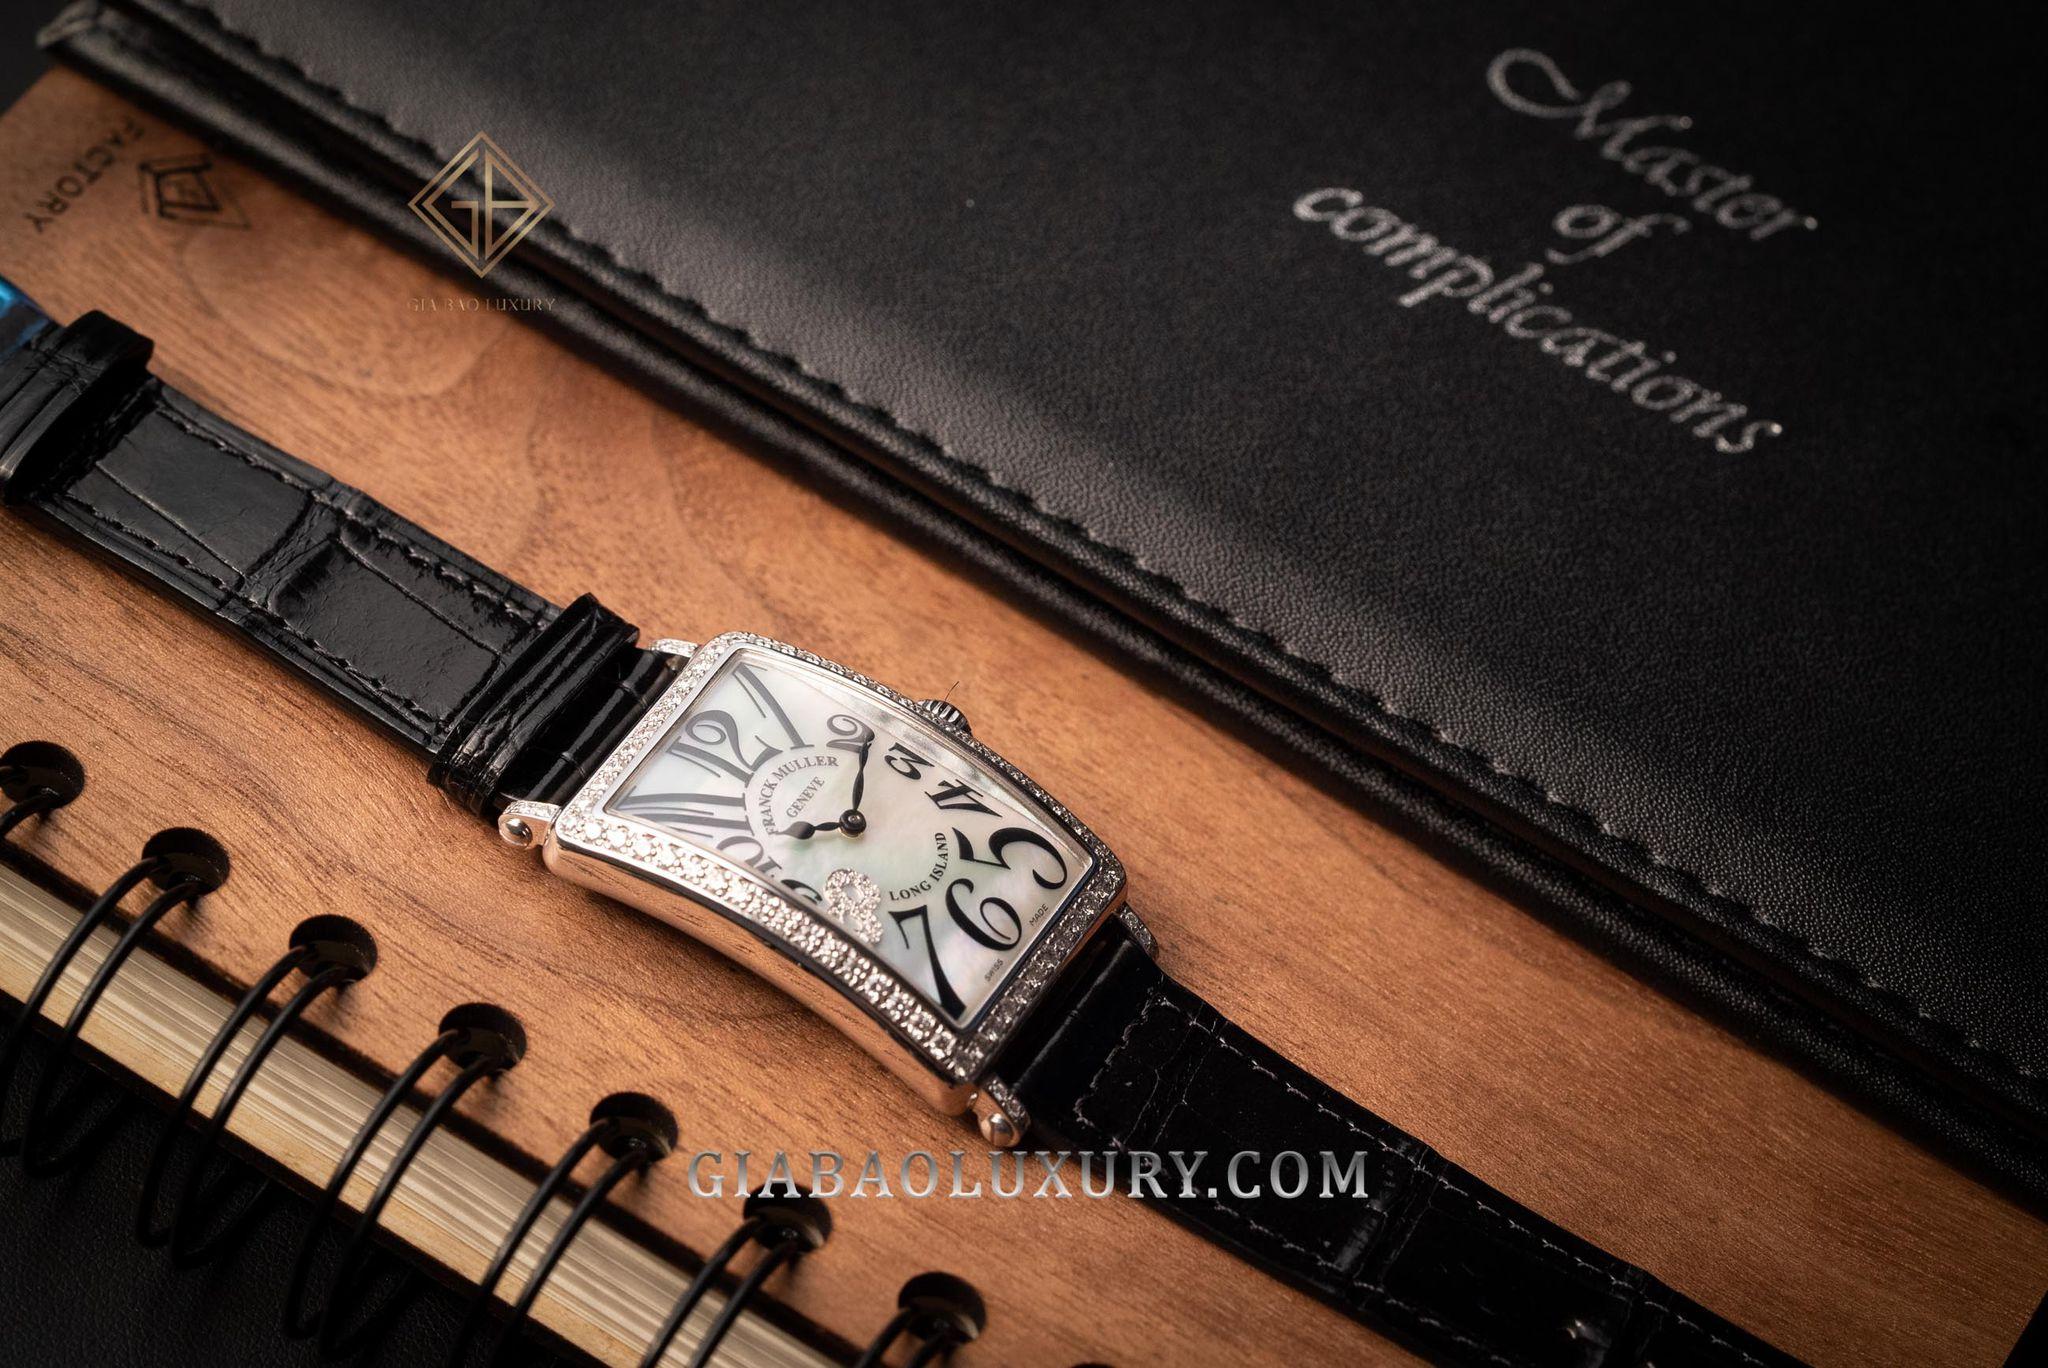 Thu mua đồng hồ Franck Muller chính hãng tại Gia Bảo Luxury